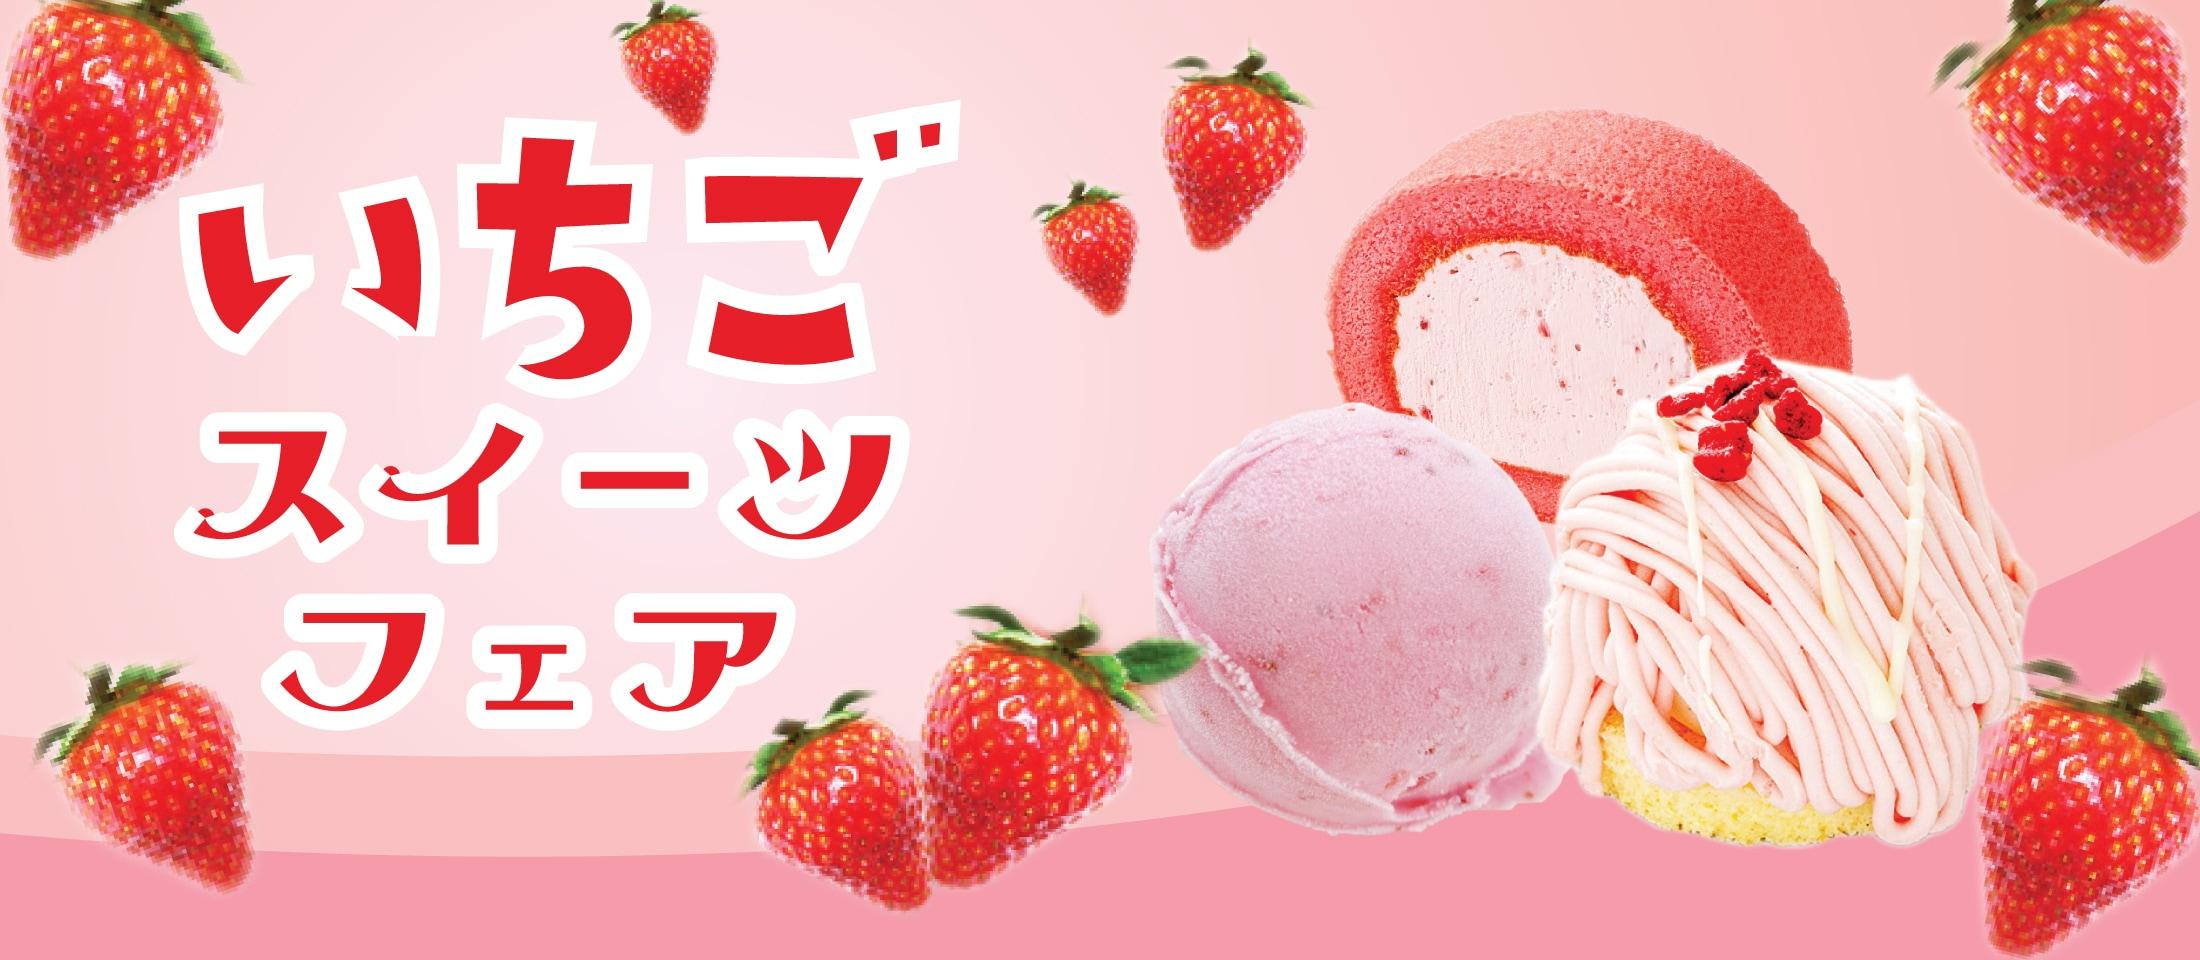 いちごスイーツ特集 2021 特集 業務用食品・冷凍食品の通販 |ナカヤマフーズ